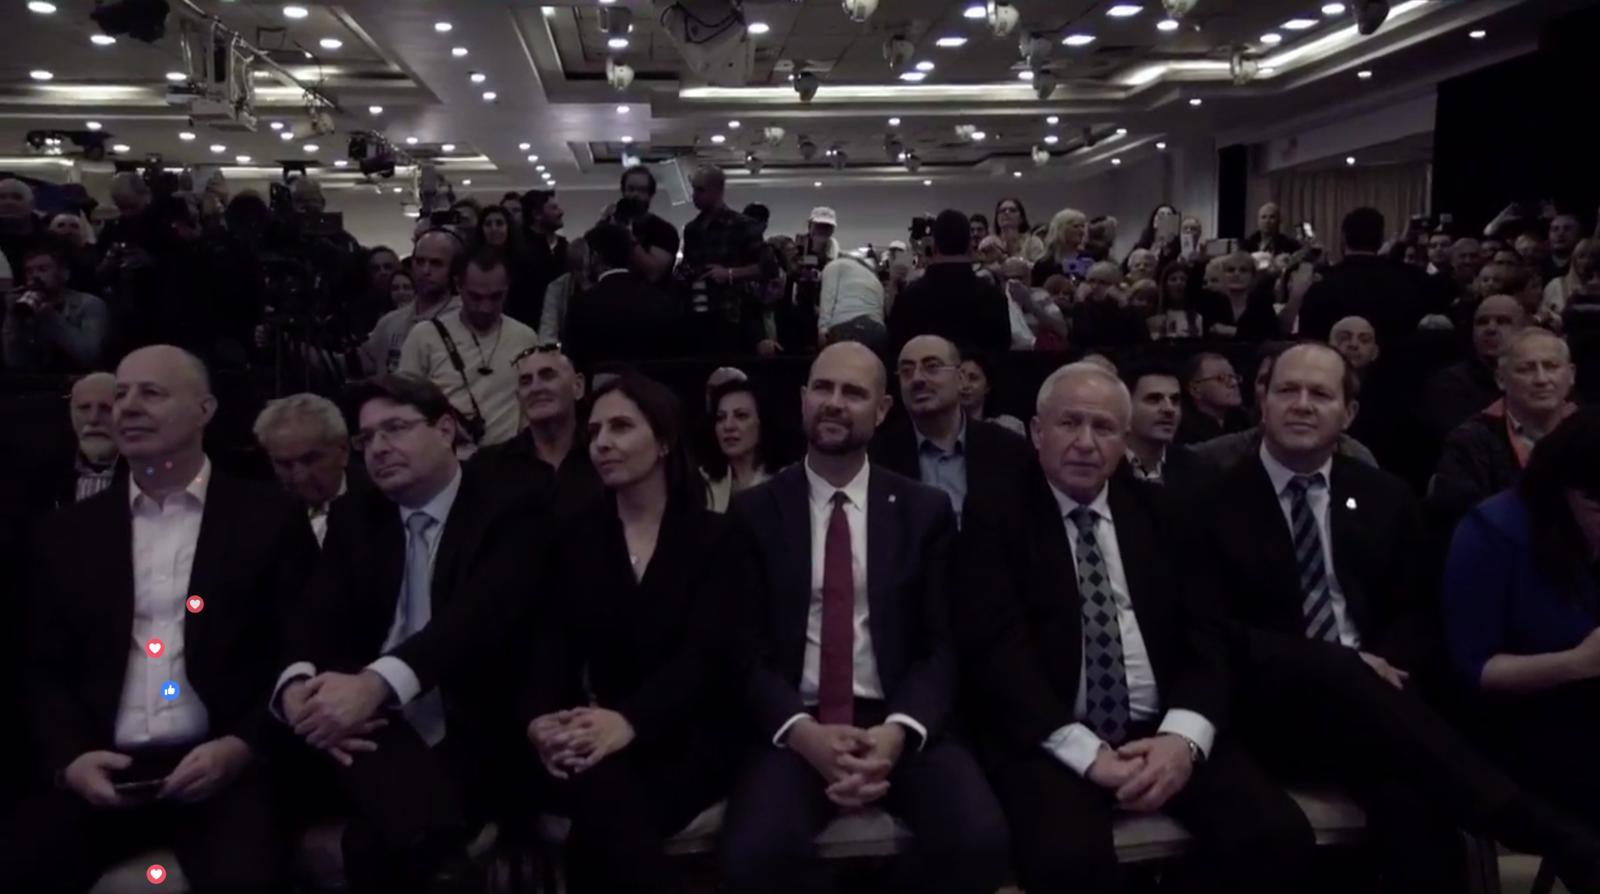 סופית: לא ייערכו פריימריז לרשימת הליכוד לכנסת